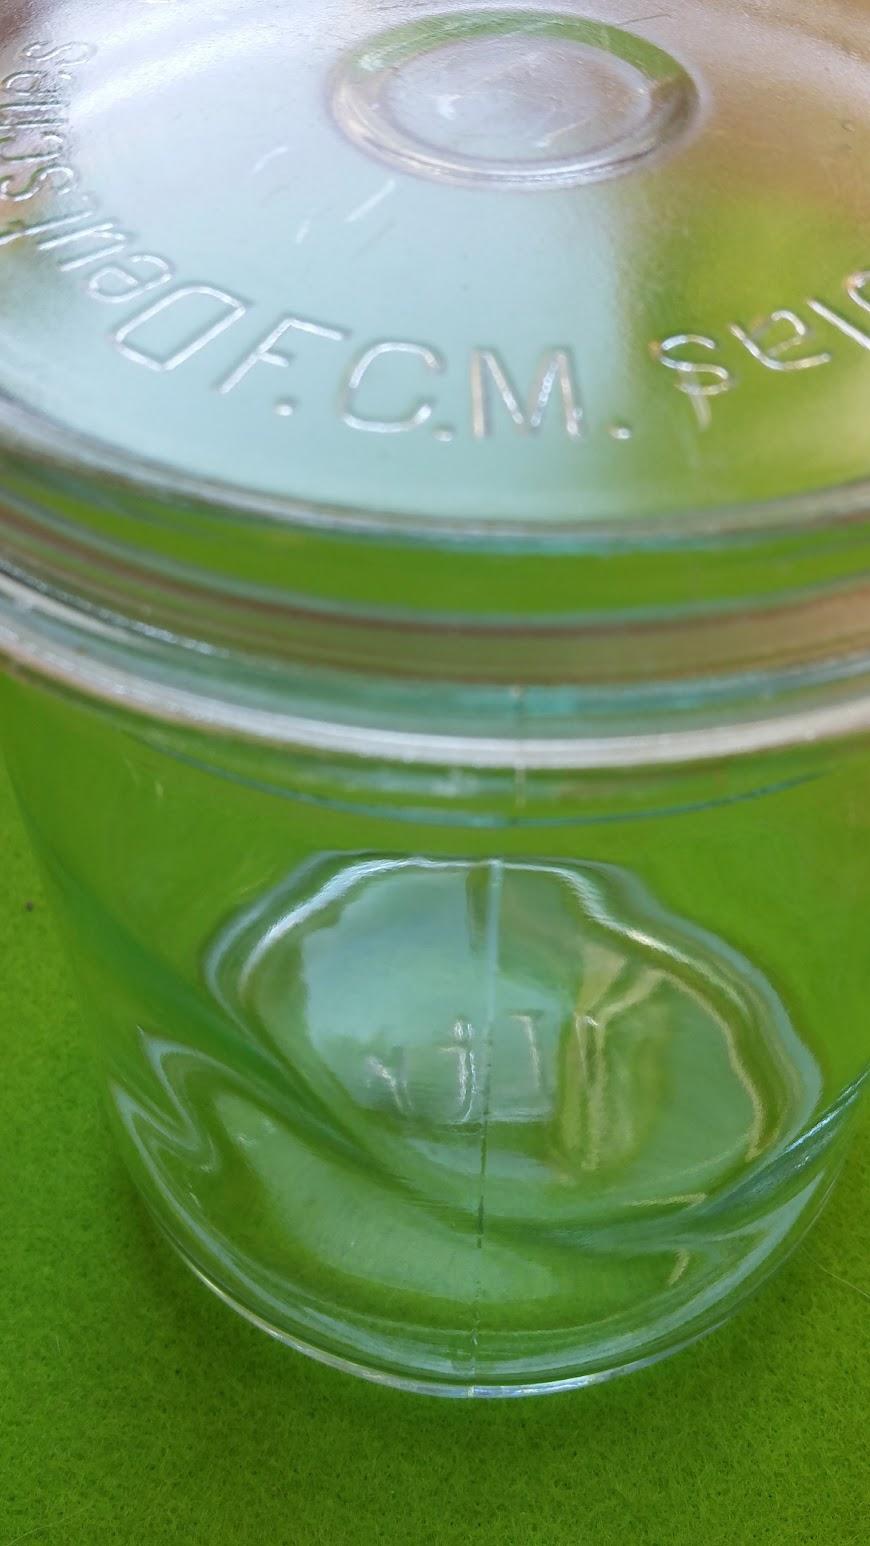 Deutsches Reichs Einkoch-Glas